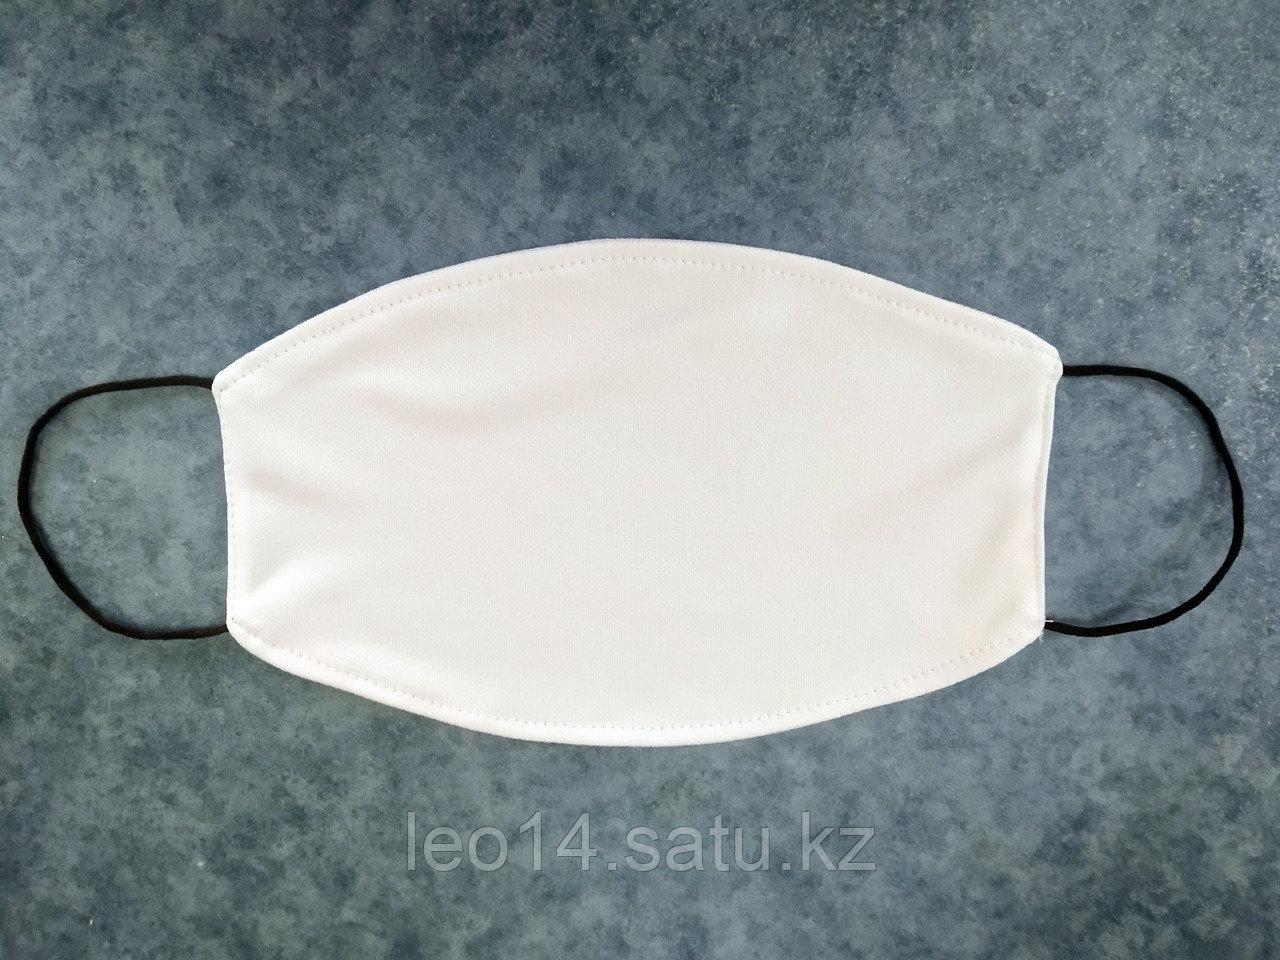 Маска для сублимации, Жен,  Белая резинка